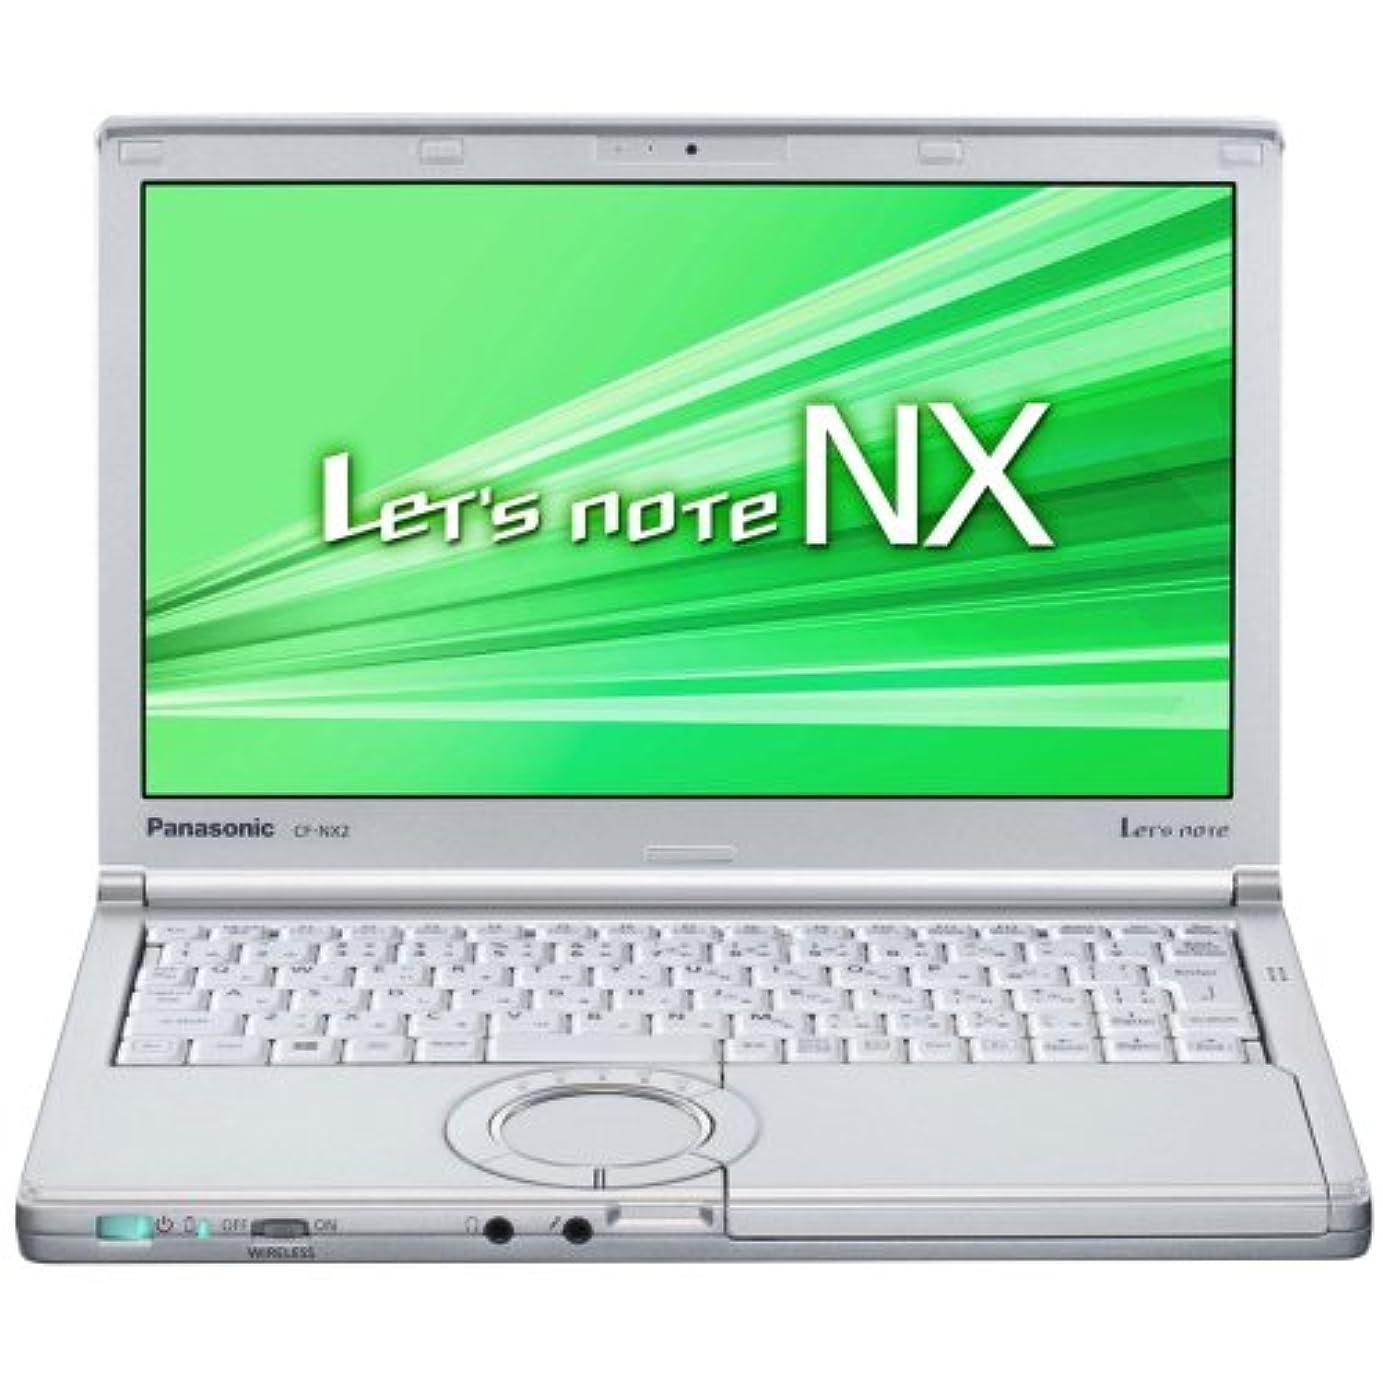 ランチョン見かけ上ブルーベルパナソニック Let`s note CF-NX2ADHCS Windows7 Pro 32bit  Corei5 4GB 250GB 無線LAN IEEE802.11a/b/g/n Bluetooth 56kモデム 12.1型ワイド液晶ノートパソコン 光学ドライブ非搭載 Lバッテリー搭載で長持ち最大18時間 4年保証